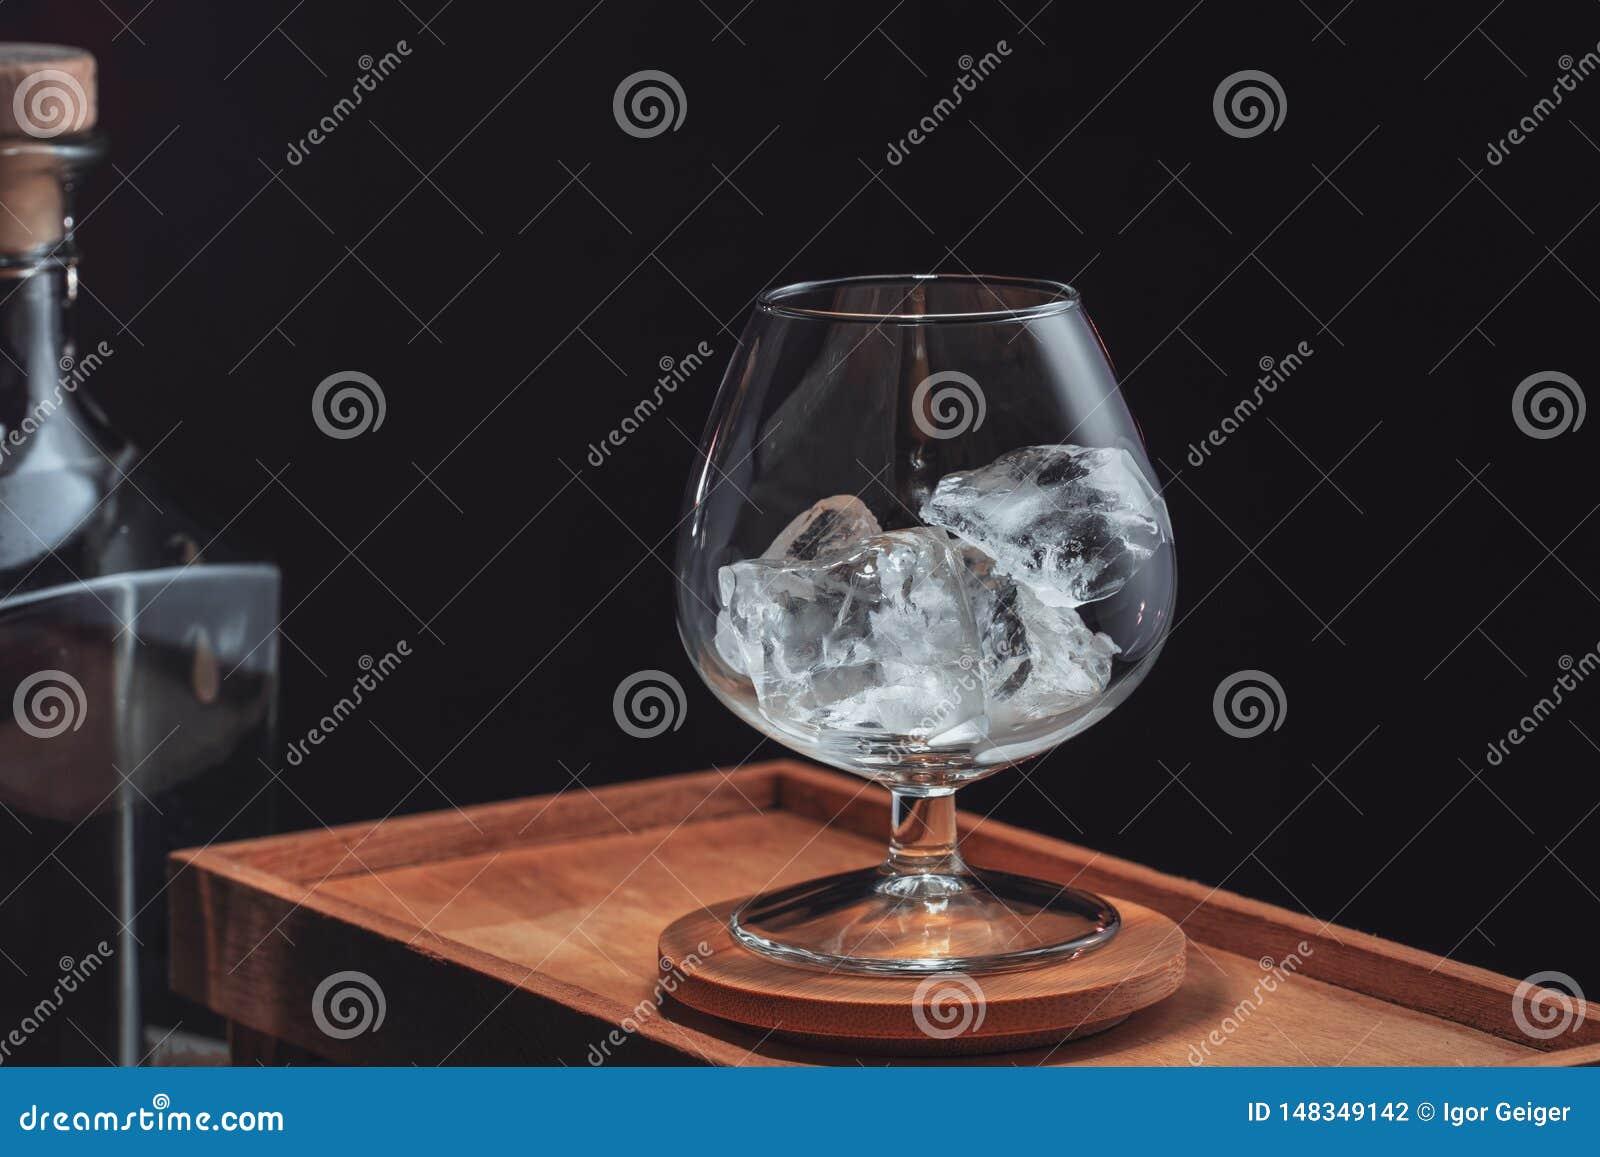 Gelo lascado em um vidro de aguardente transparente, em uma caixa de madeira em um fundo preto